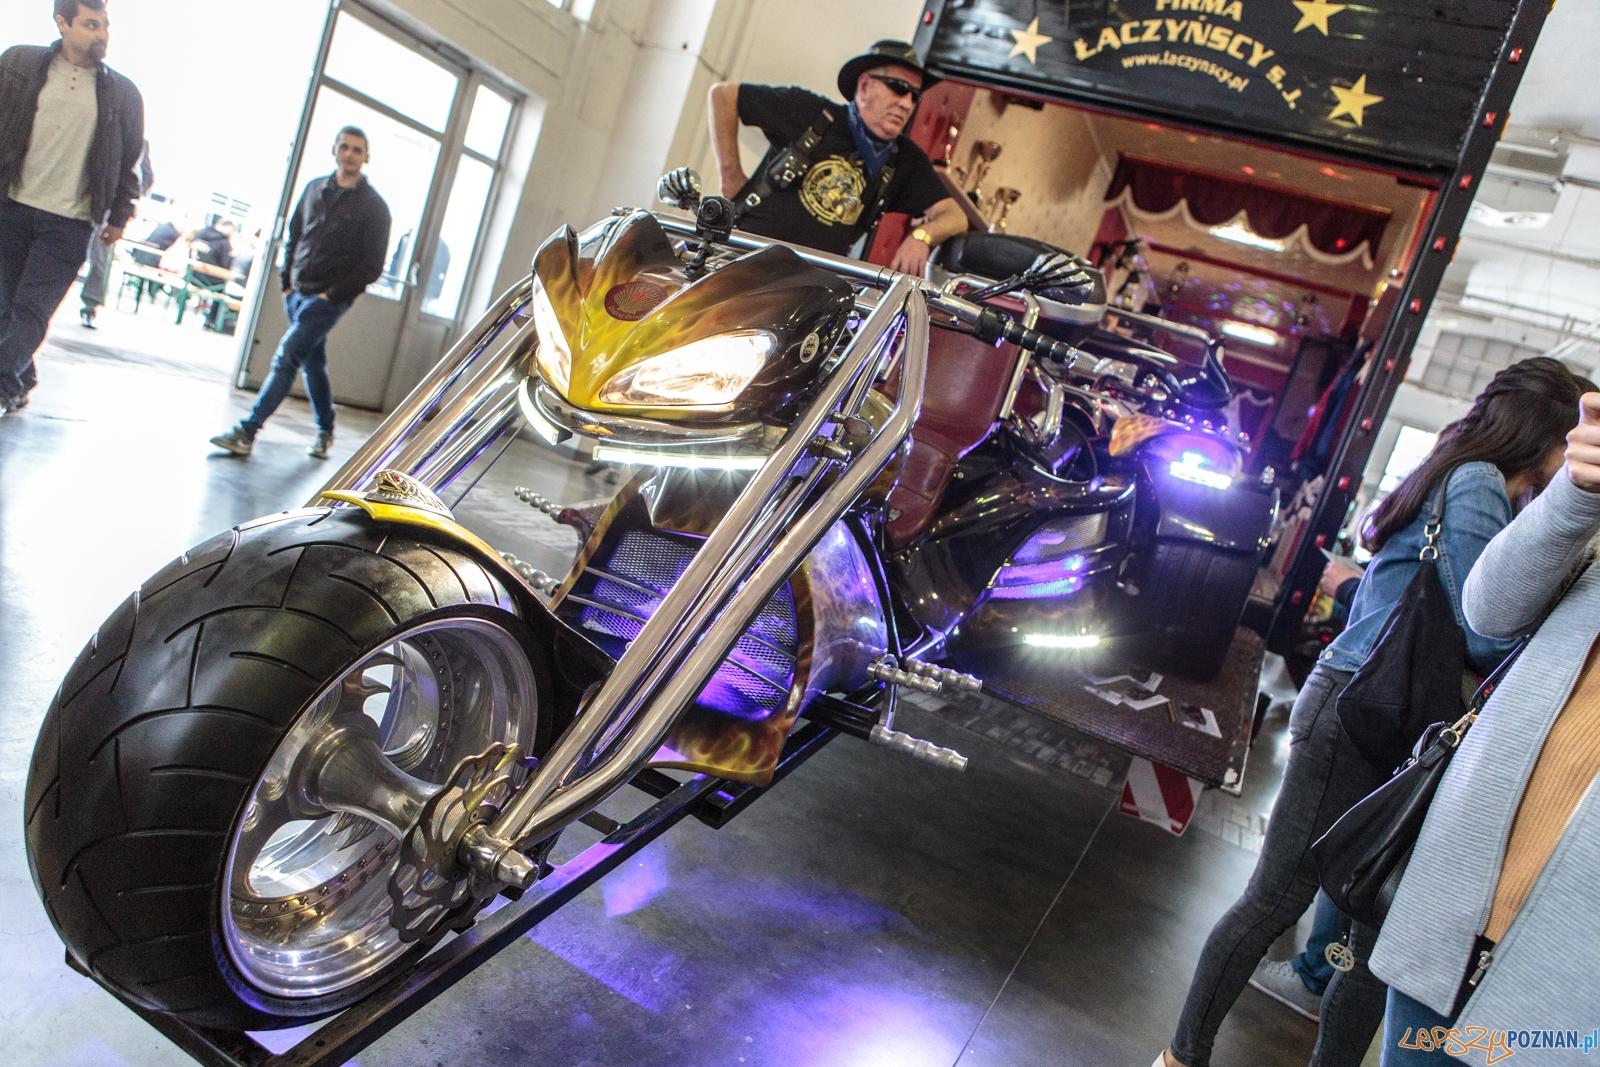 Motor Show 2017 - Poznań 08.04.2017 r.  Foto: LepszyPOZNAN.pl / Paweł Rychter